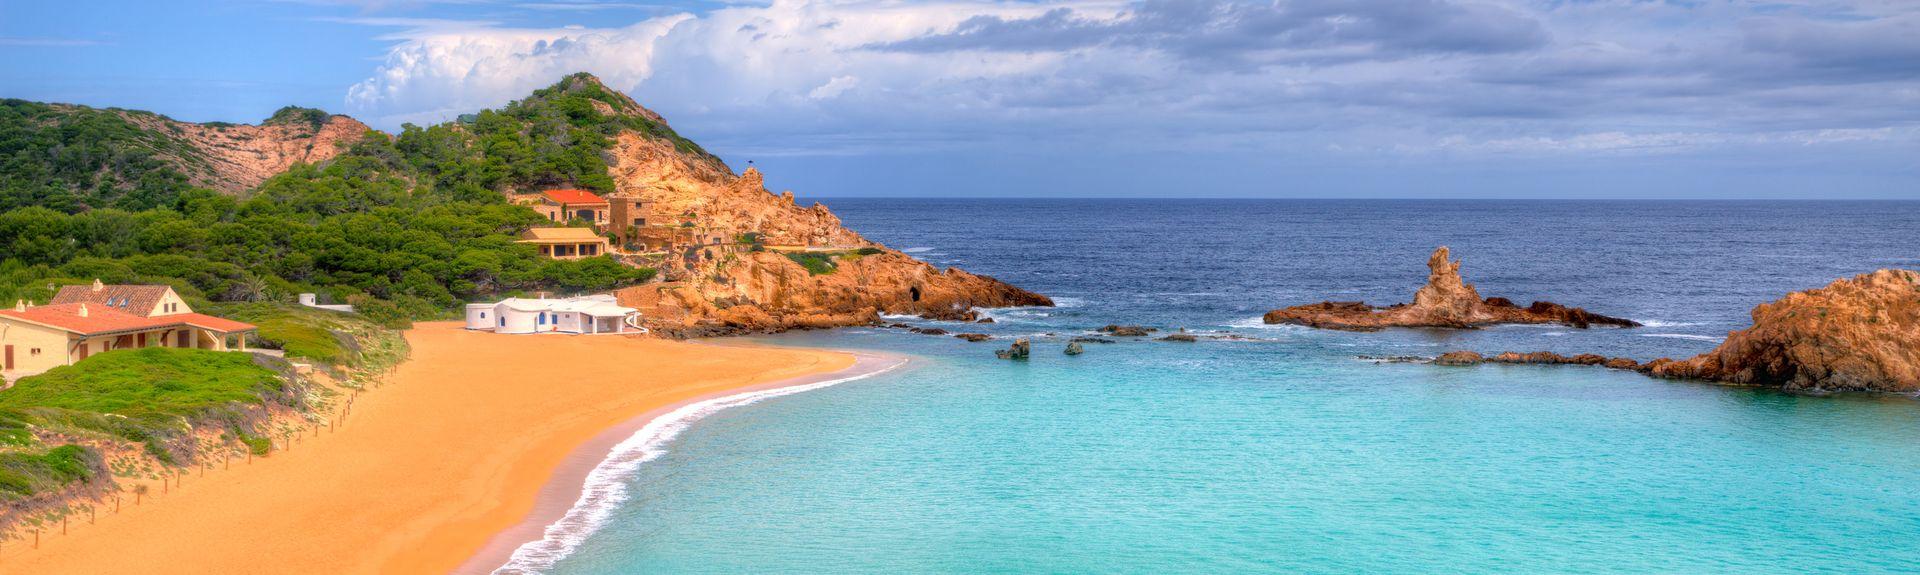 Los Delfines, Ciudadela de Menorca, Islas Baleares, España